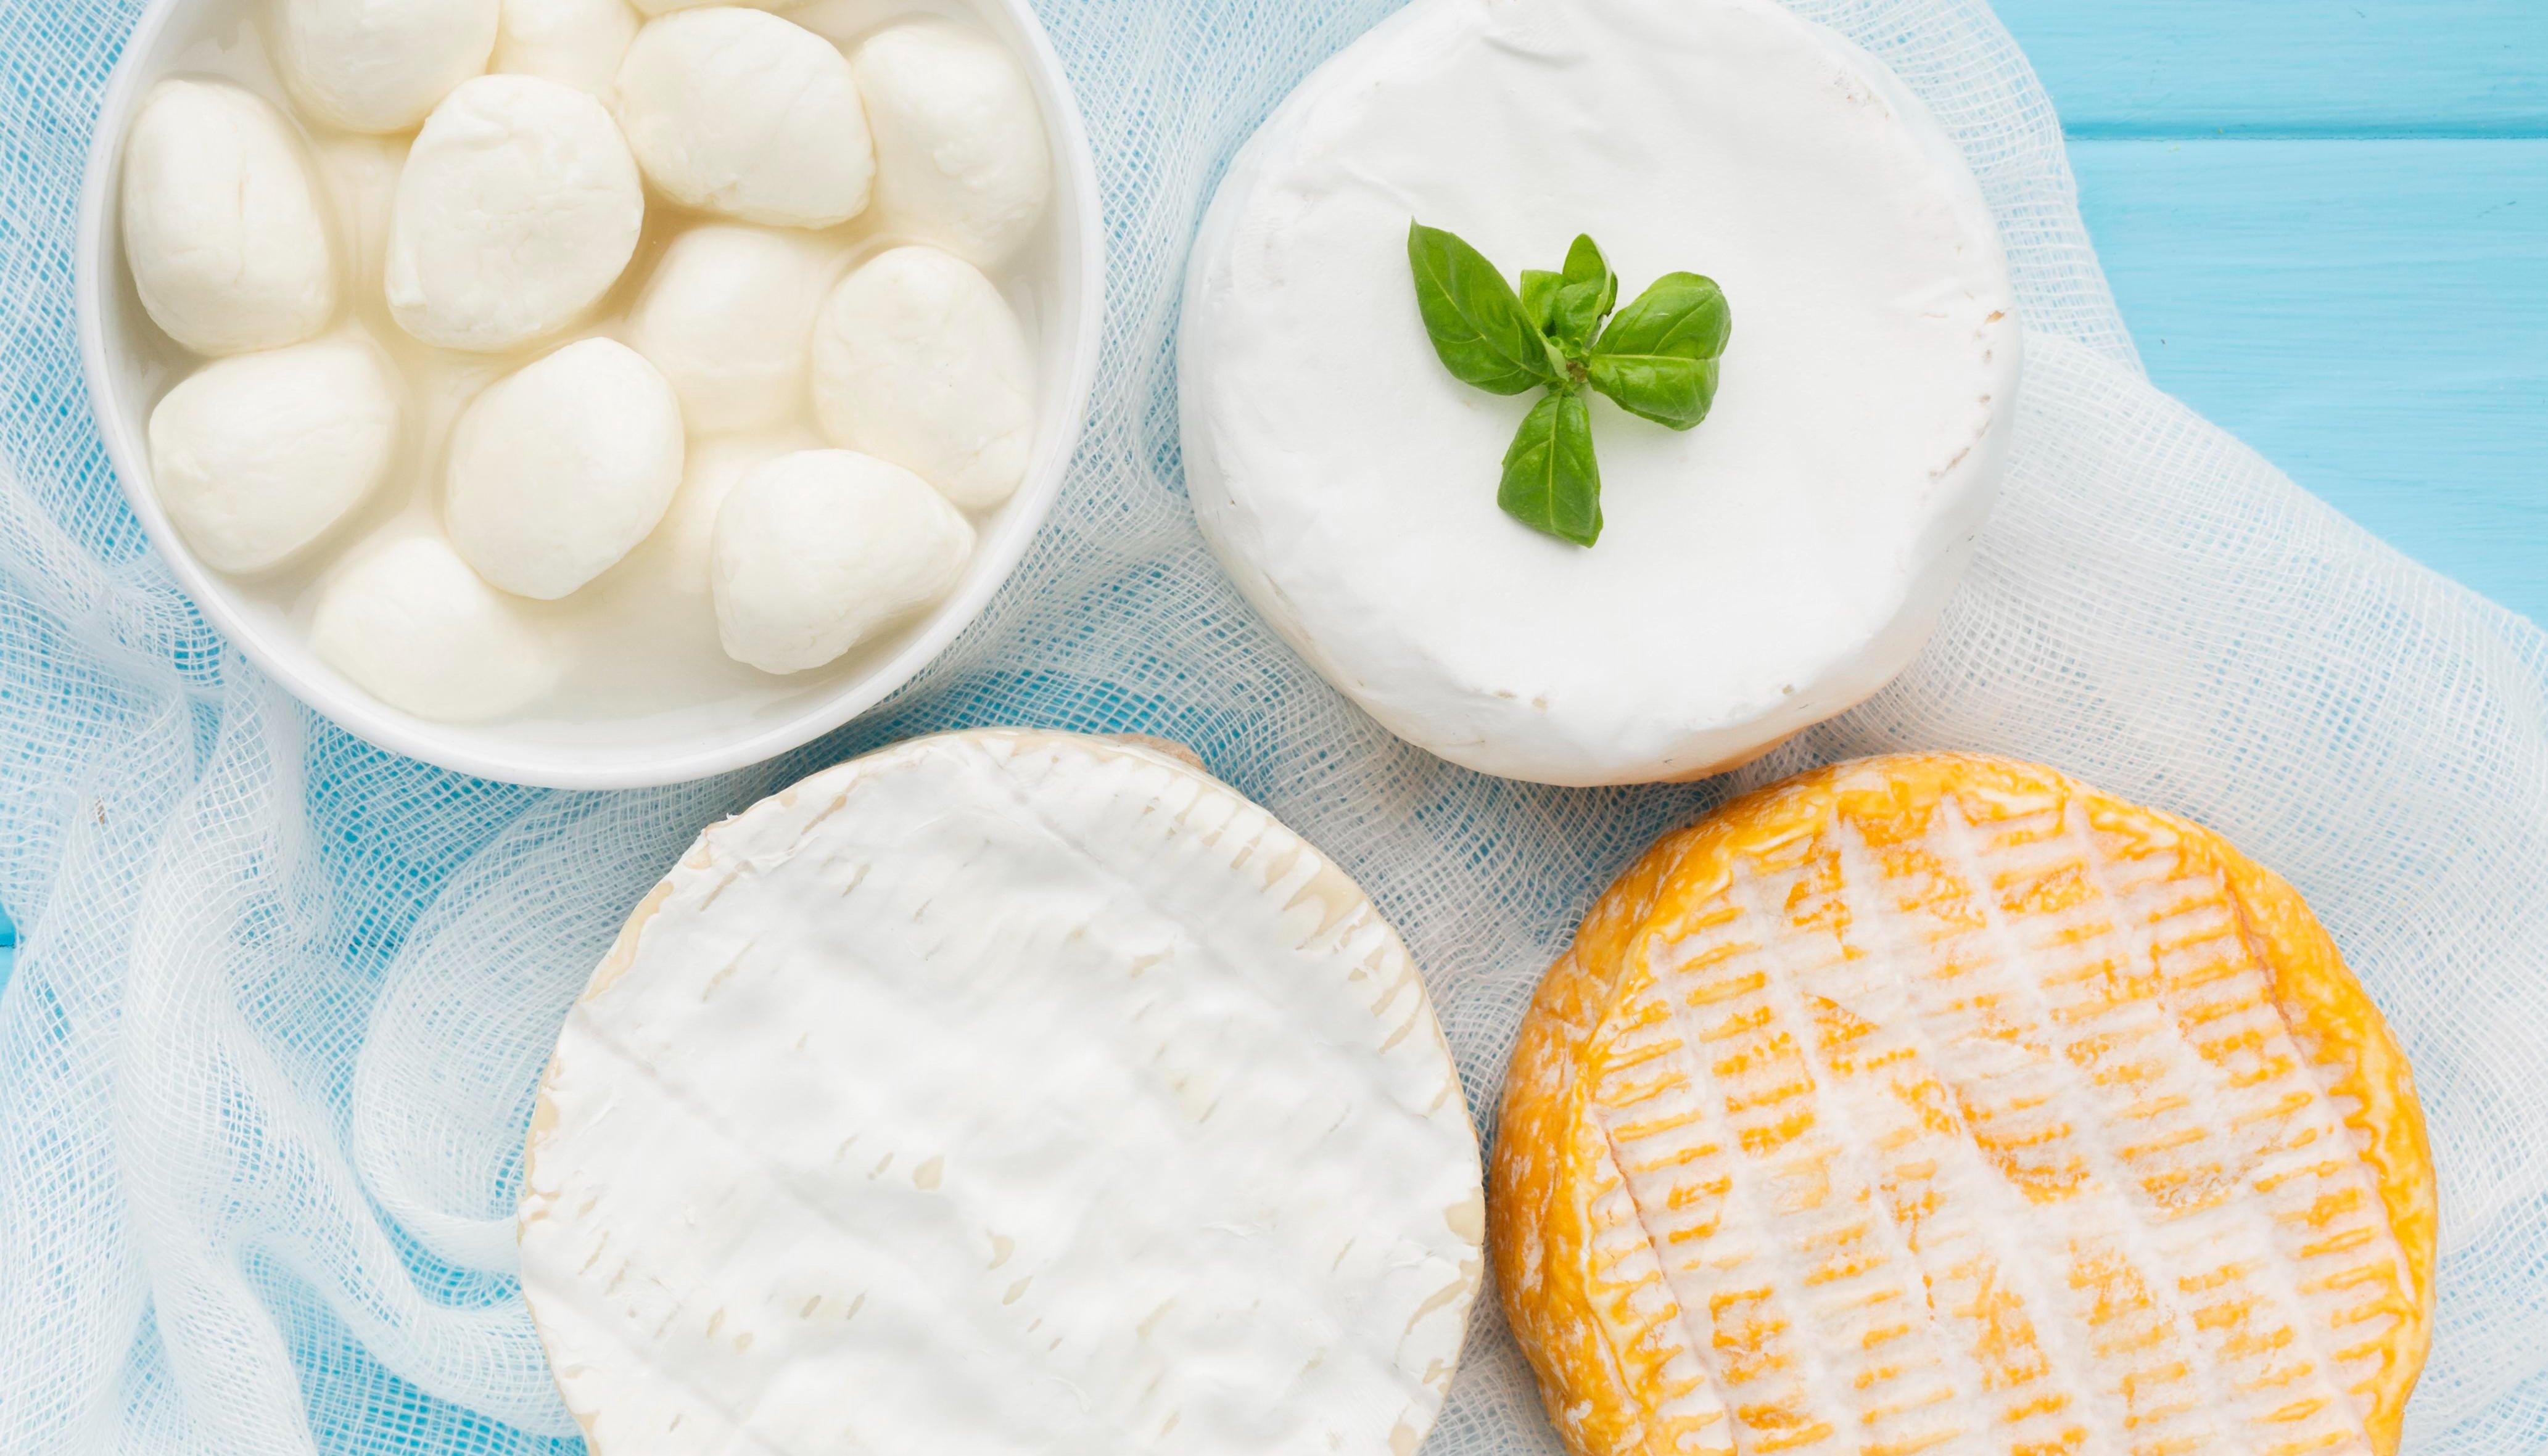 الألبان والأجبان milk and cheese